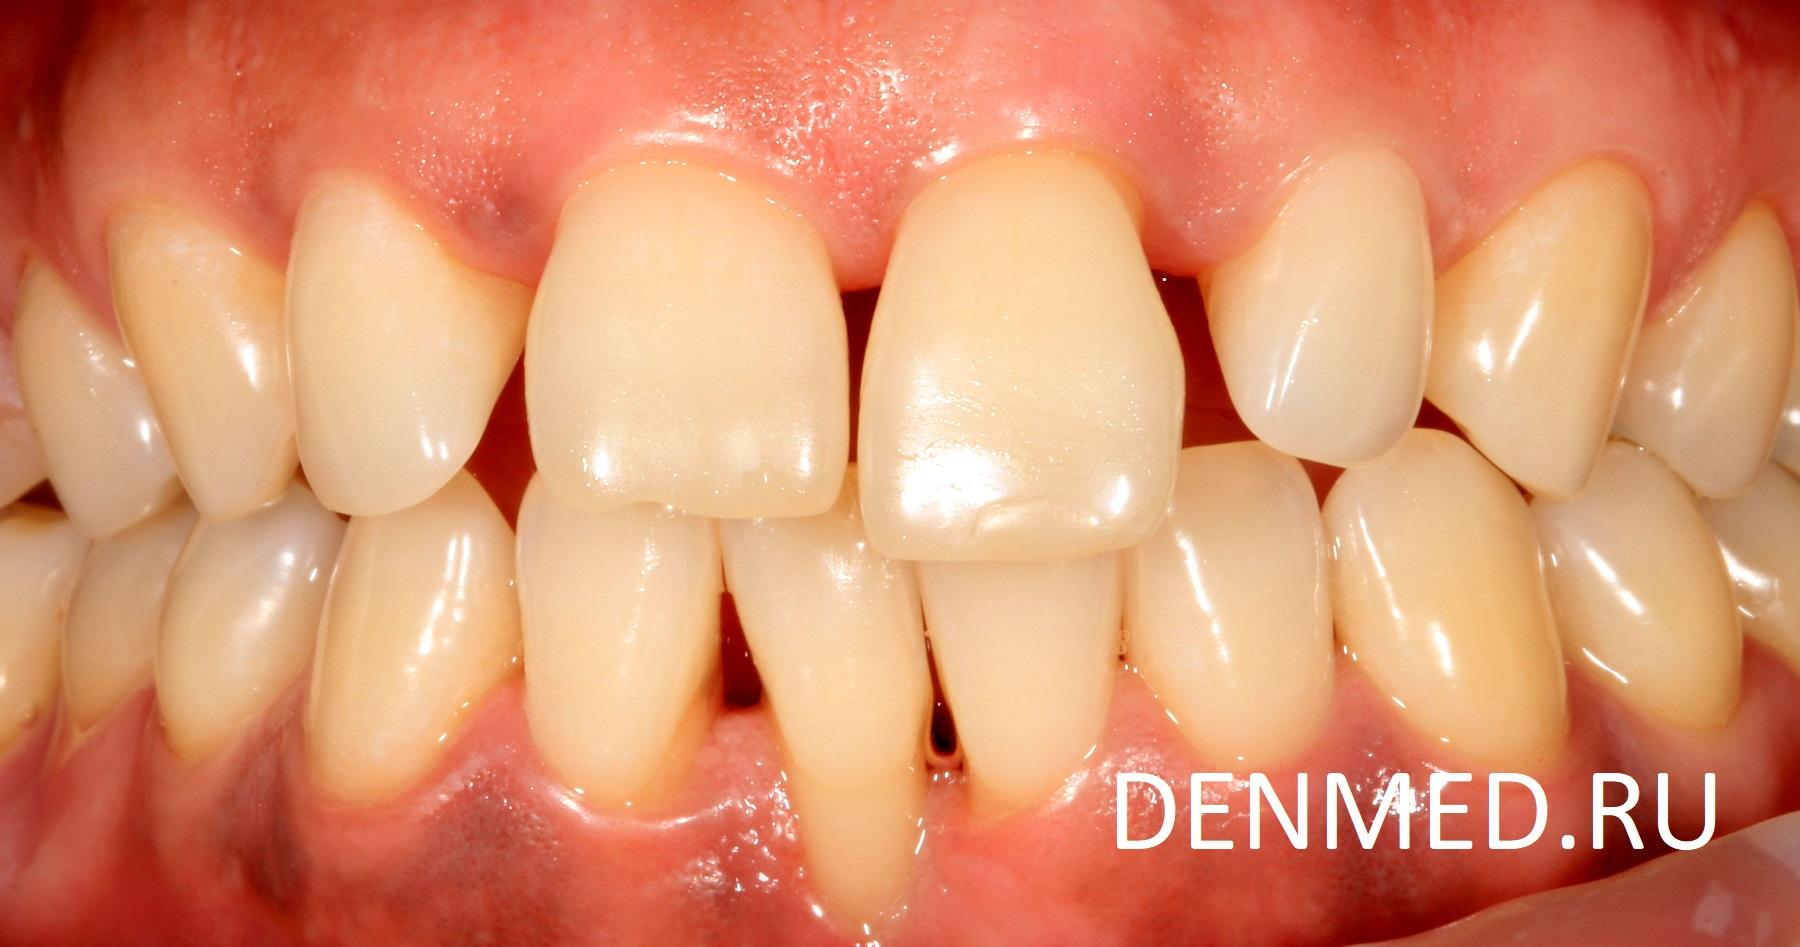 Я предложила ему несколько вариантов: изготовление керамических виниров или художественная реставрация зубов